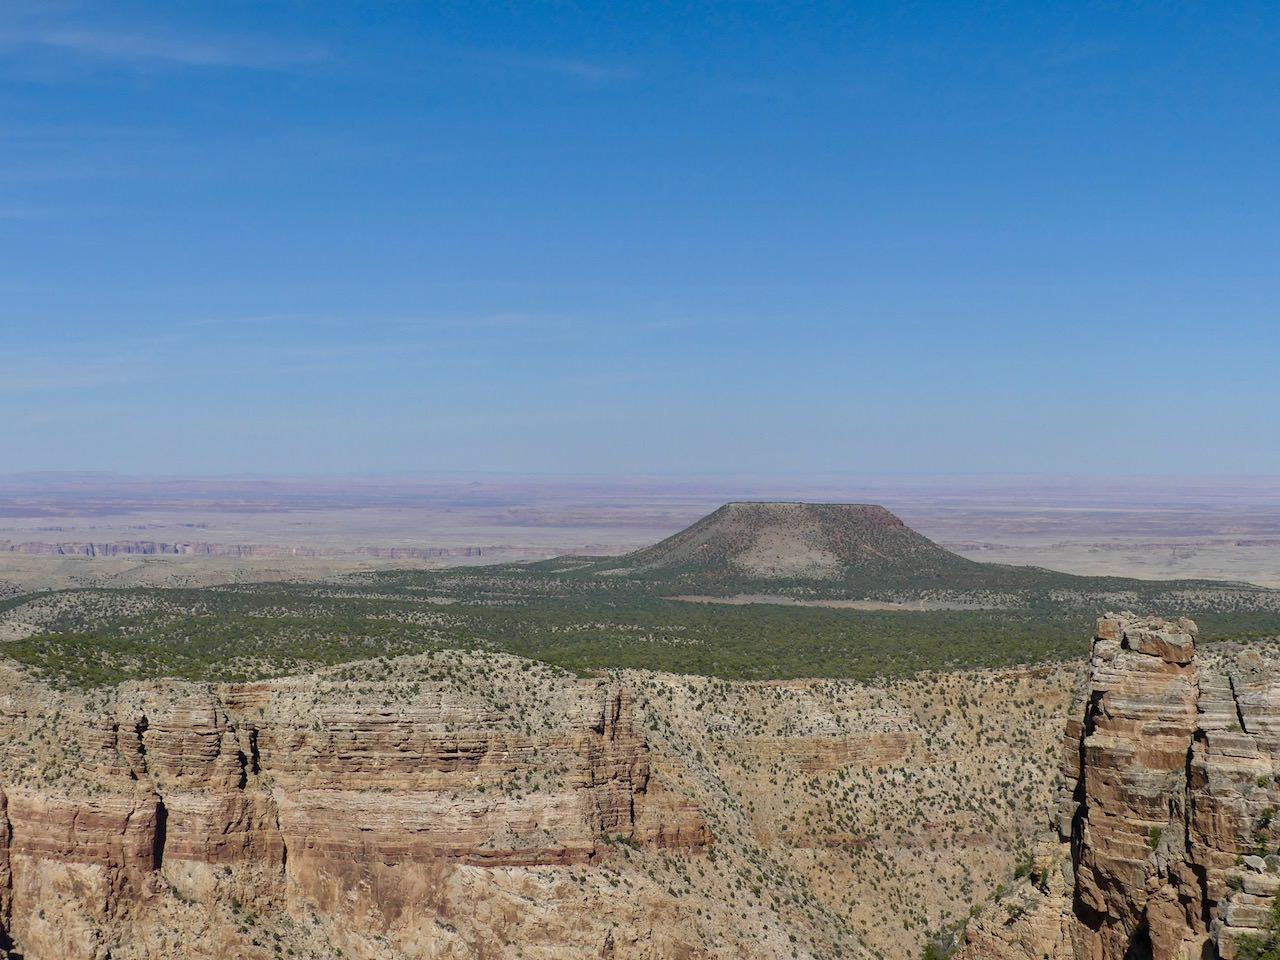 Grand Canyon South Rim Desert View